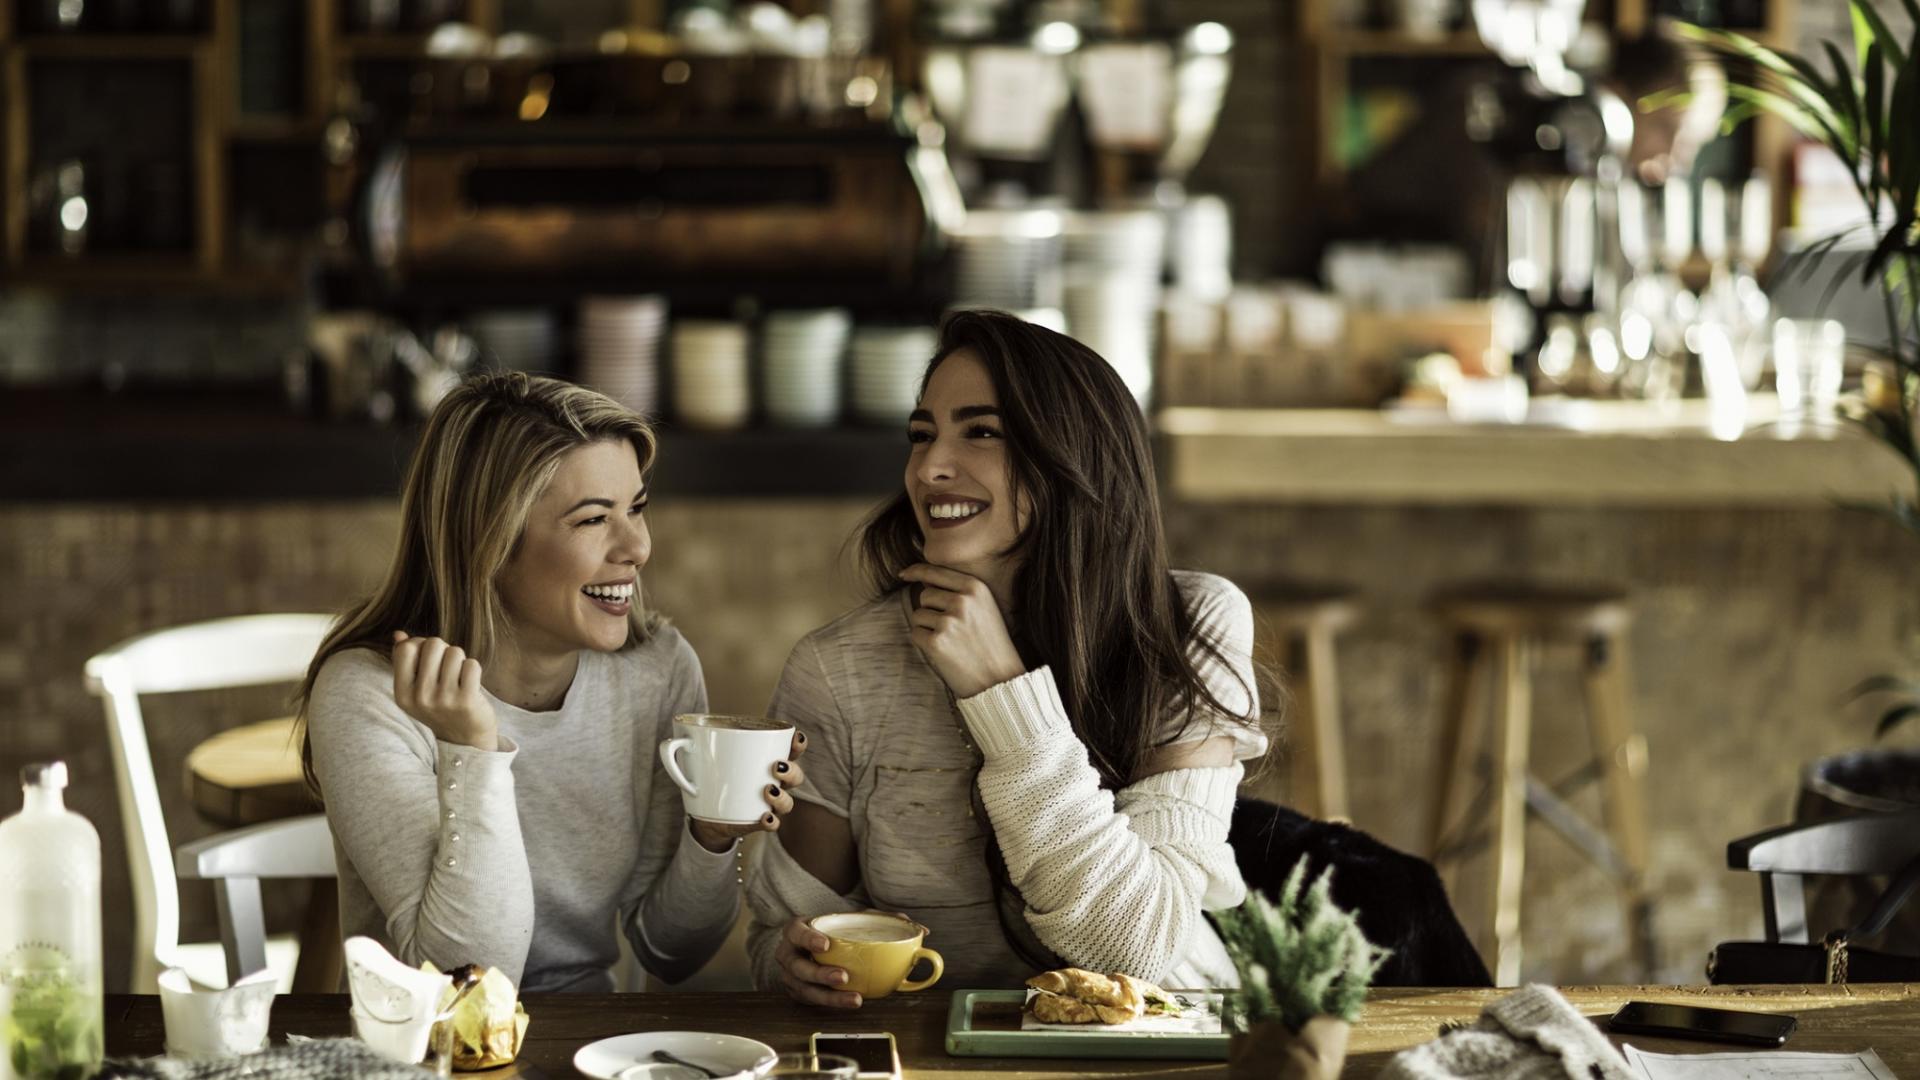 Frauen Restaurant Reden